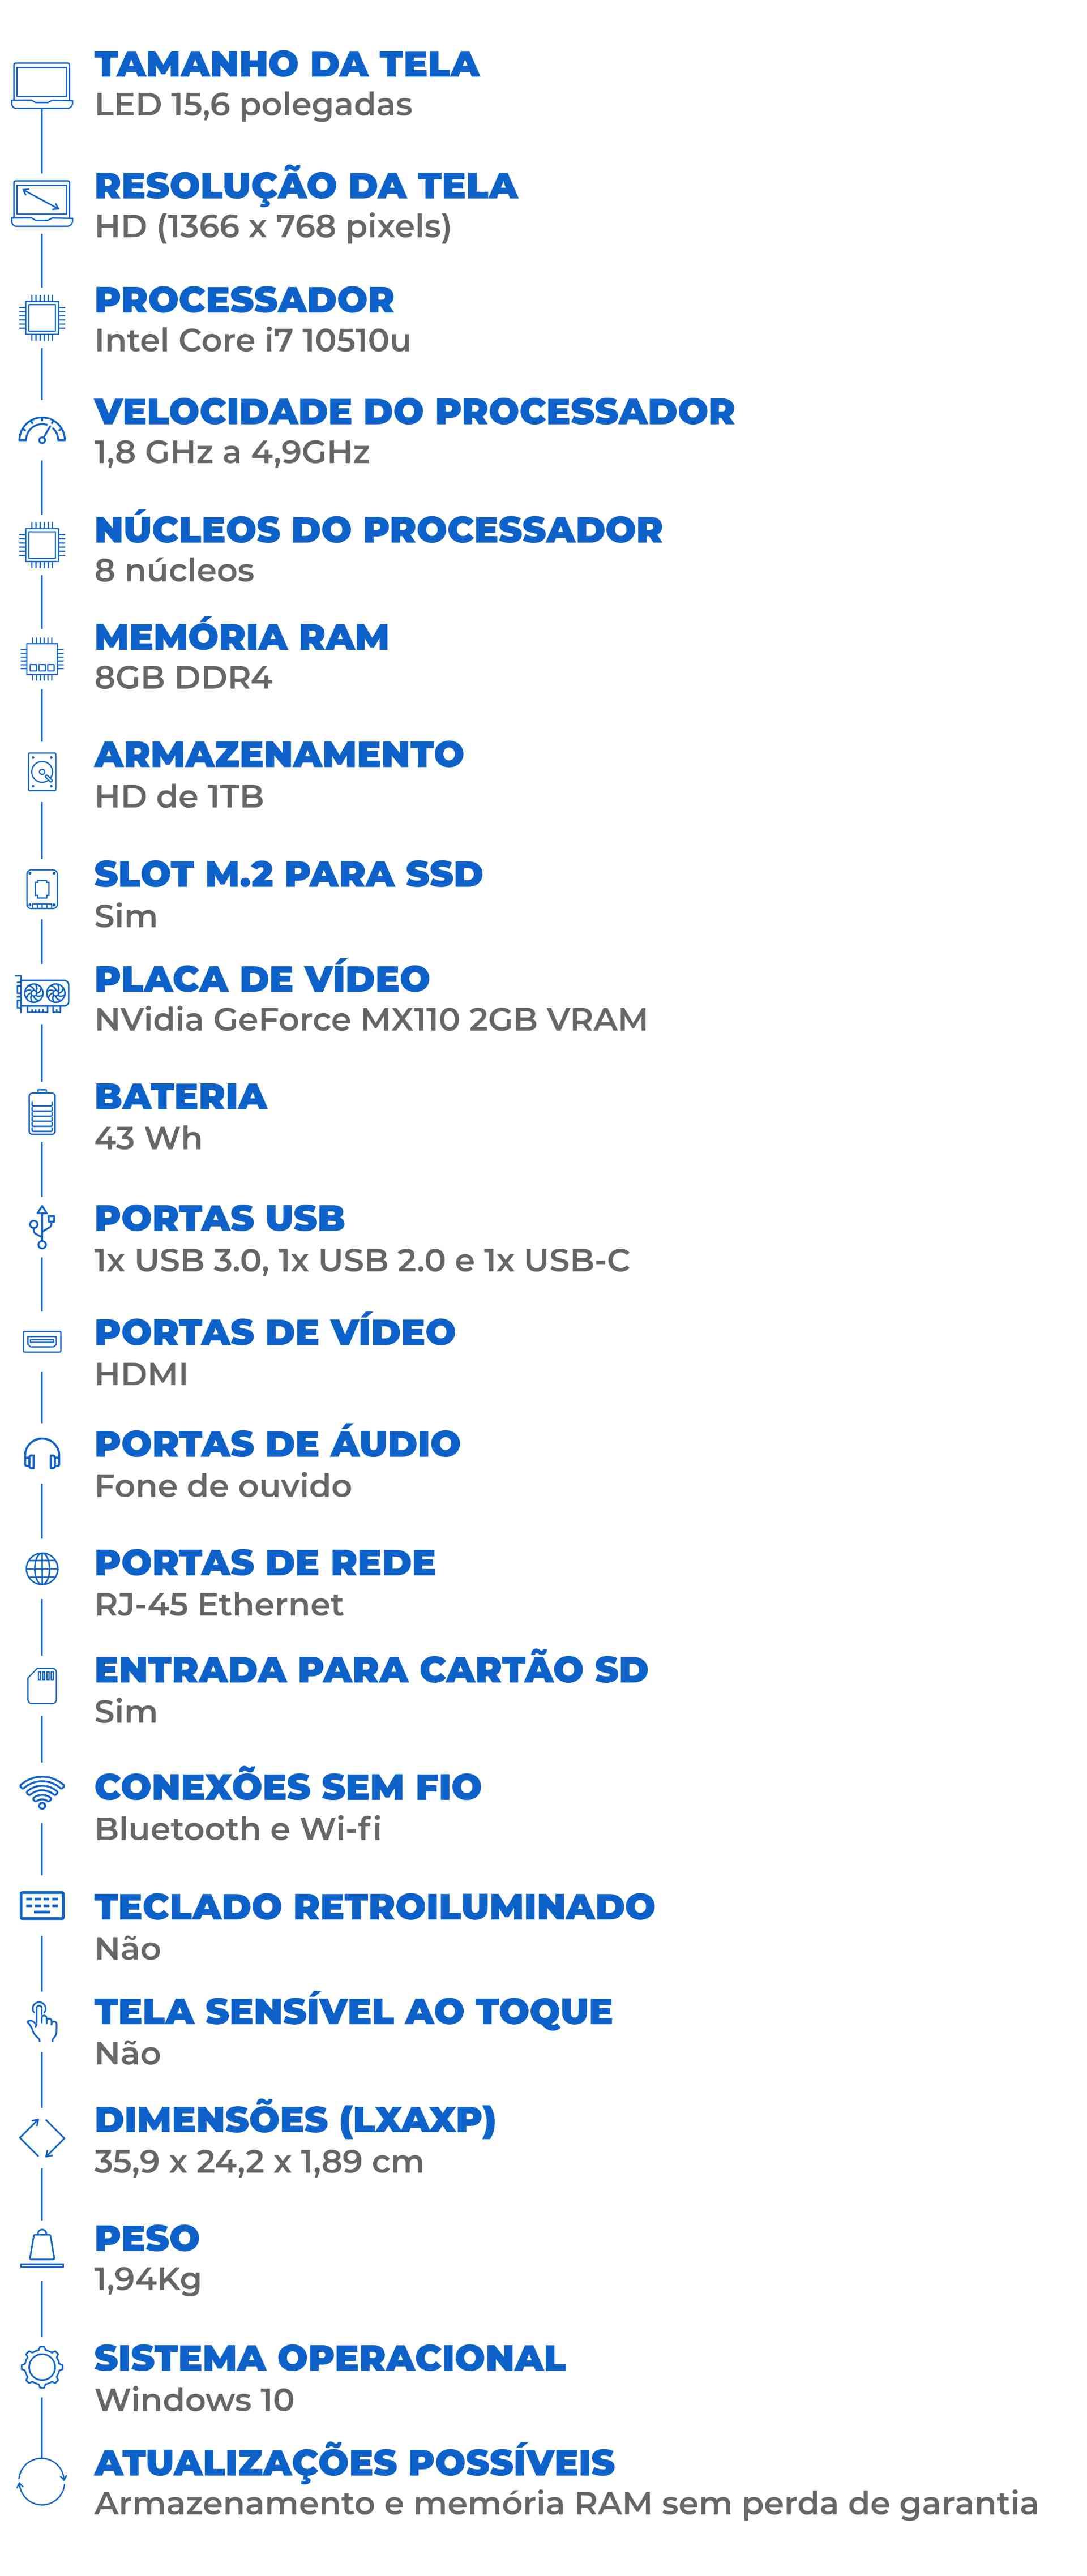 Ficha técnica do Samsung Book X50